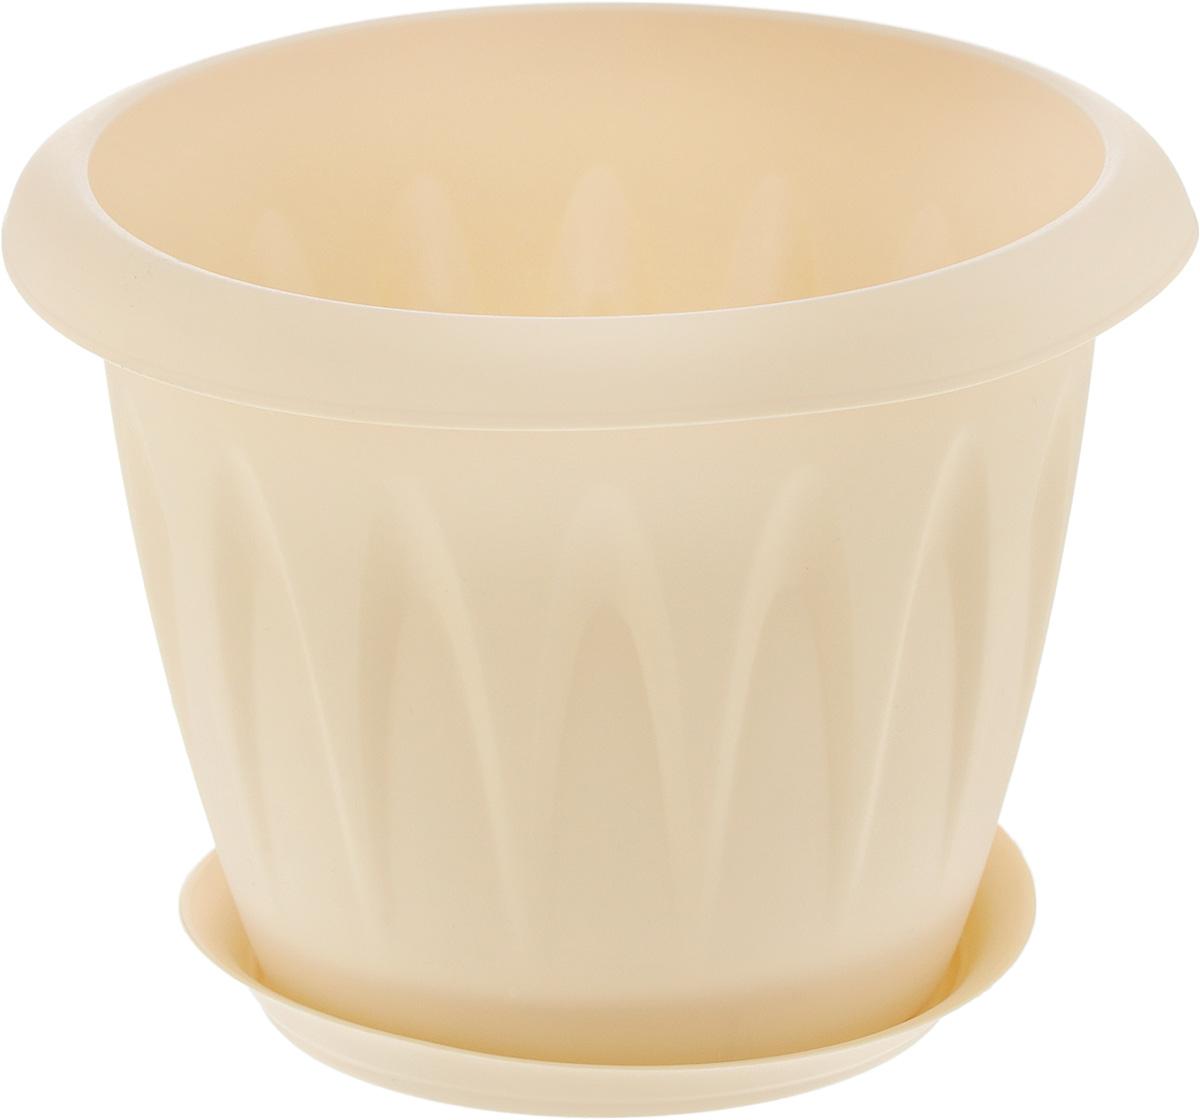 """Кашпо Idea """"Алиция"""" изготовлено из прочного полипропилена (пластика) и предназначено для выращивания растений, цветов и трав в домашних условиях. Круглый поддон обеспечивает сток воды. Такое кашпо порадует вас функциональностью, а благодаря лаконичному дизайну впишется в любой интерьер помещения.  Диаметр кашпо по верхнему краю: 14 см.  Высота кашпо: 11 см.  Диаметр поддона: 12 см.  Объем кашпо: 1 л."""